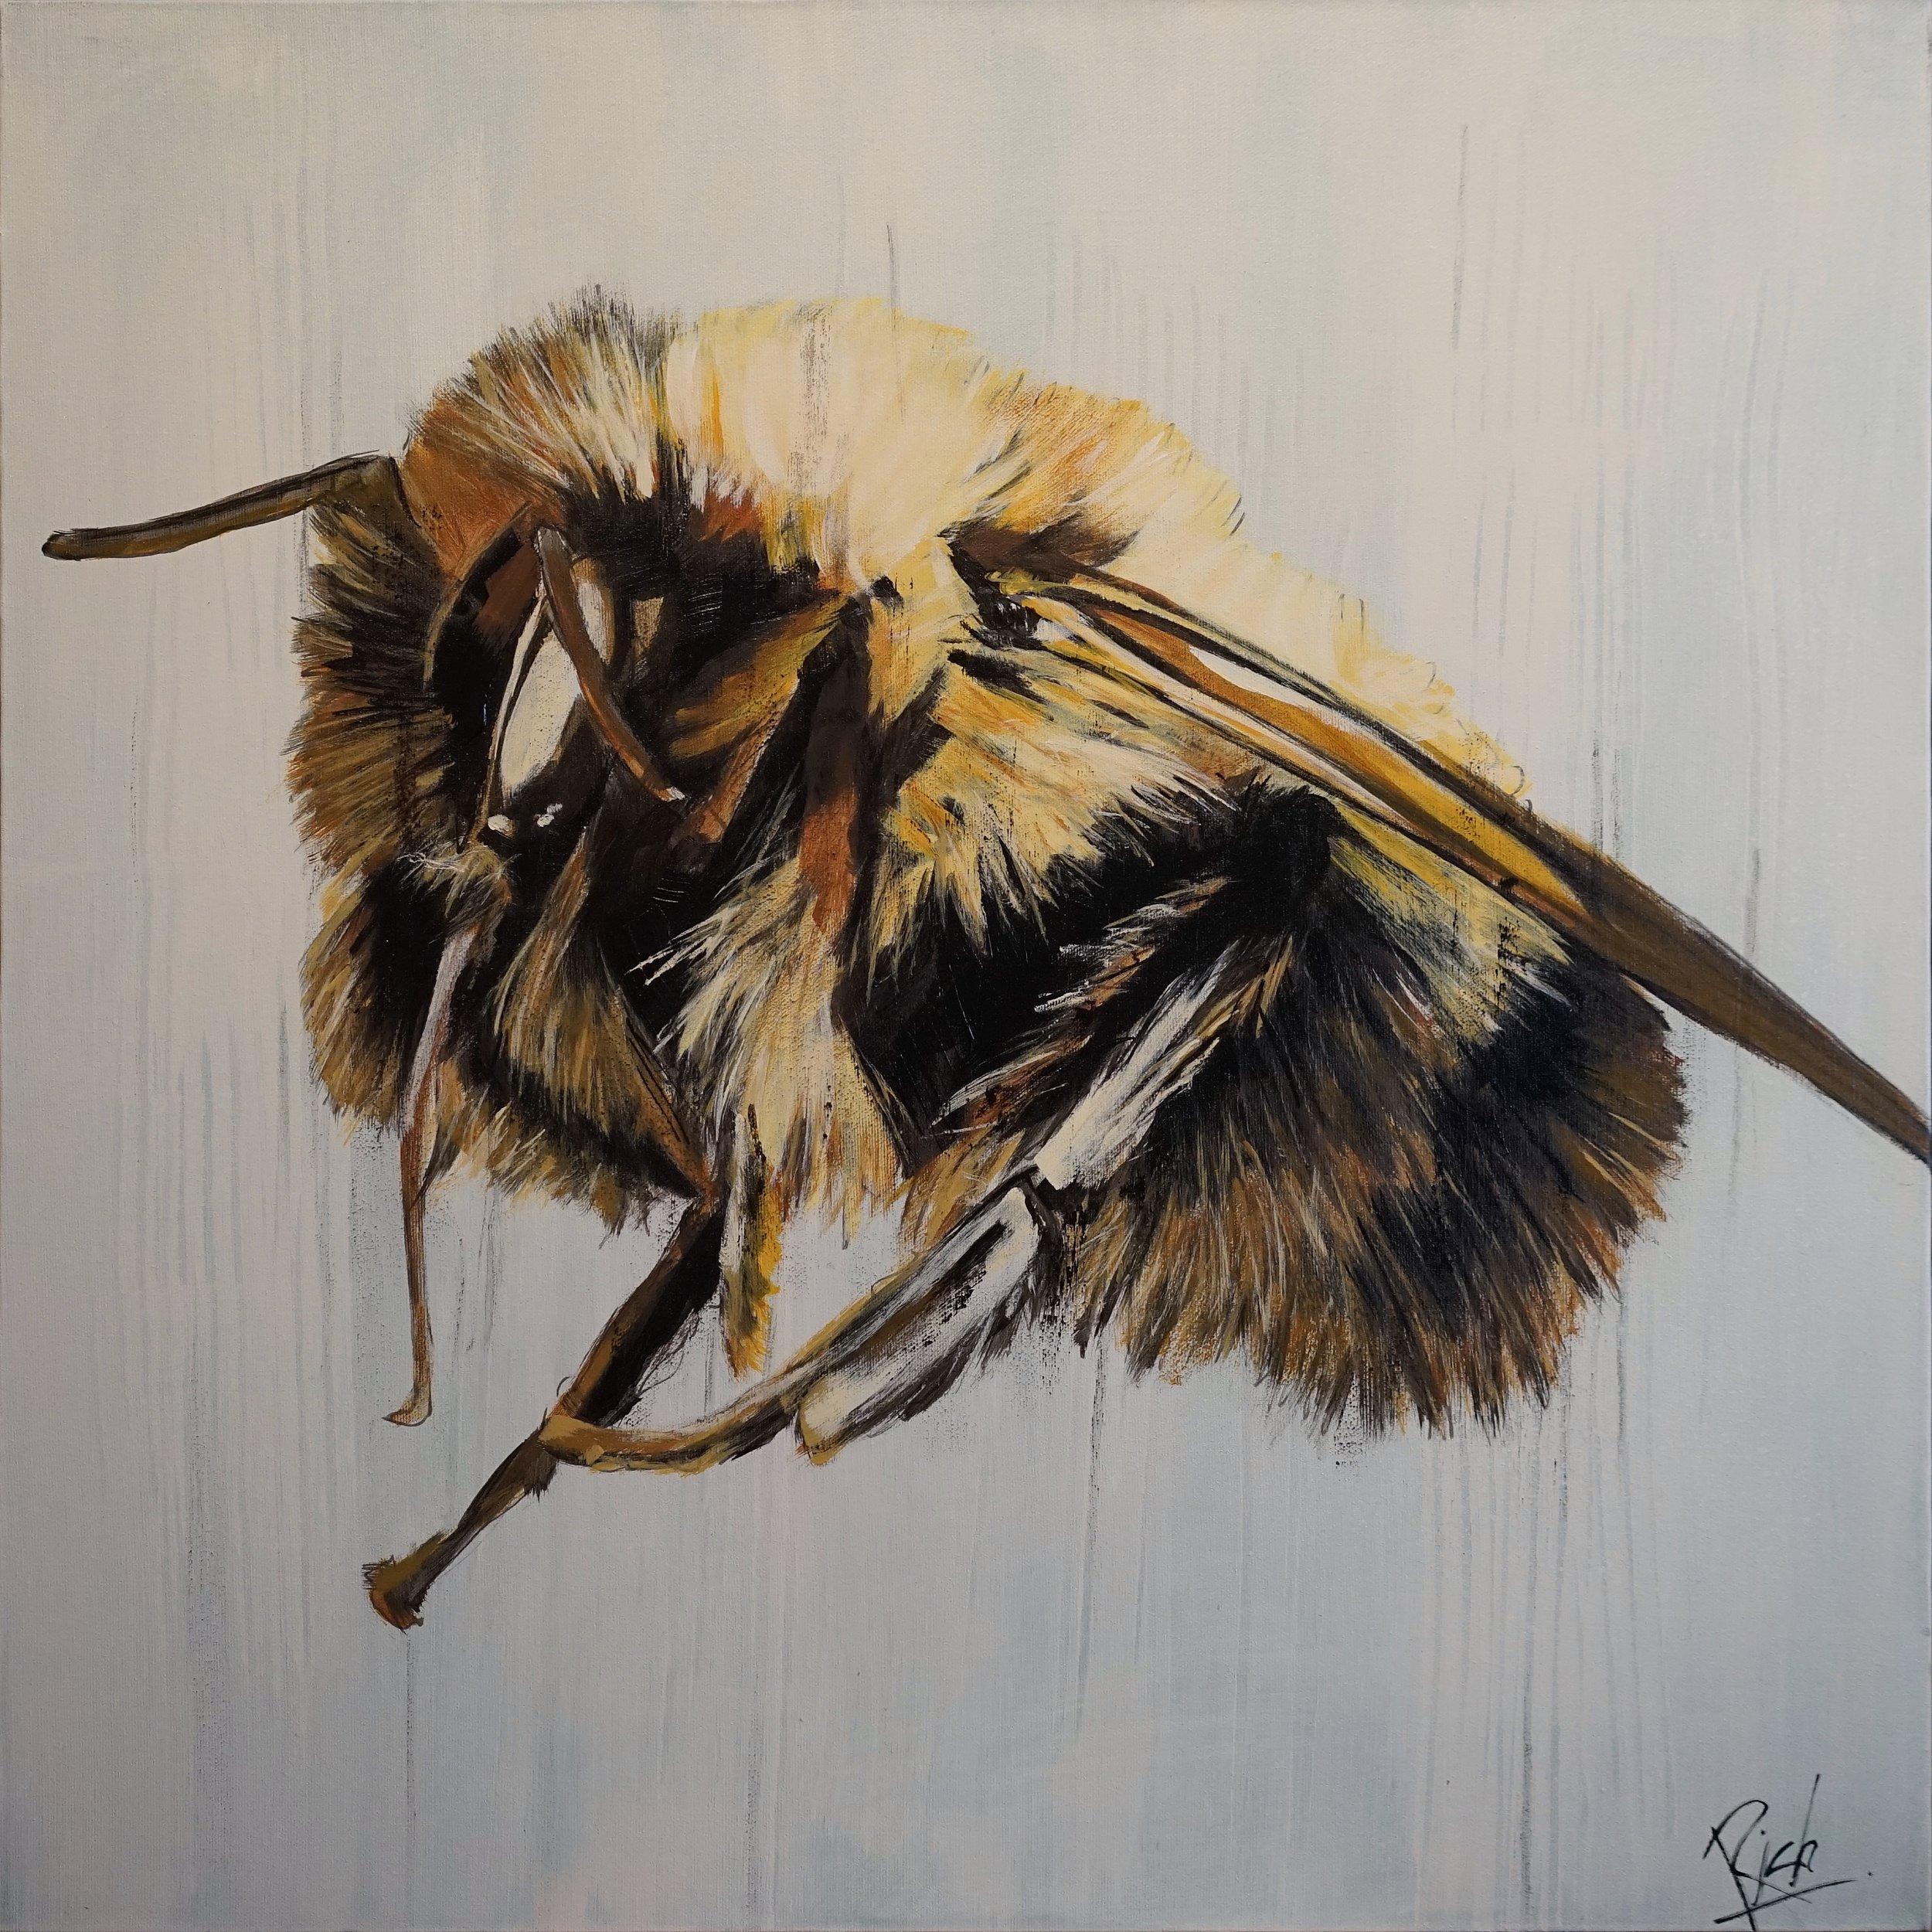 Acrylic on canvas 24x24